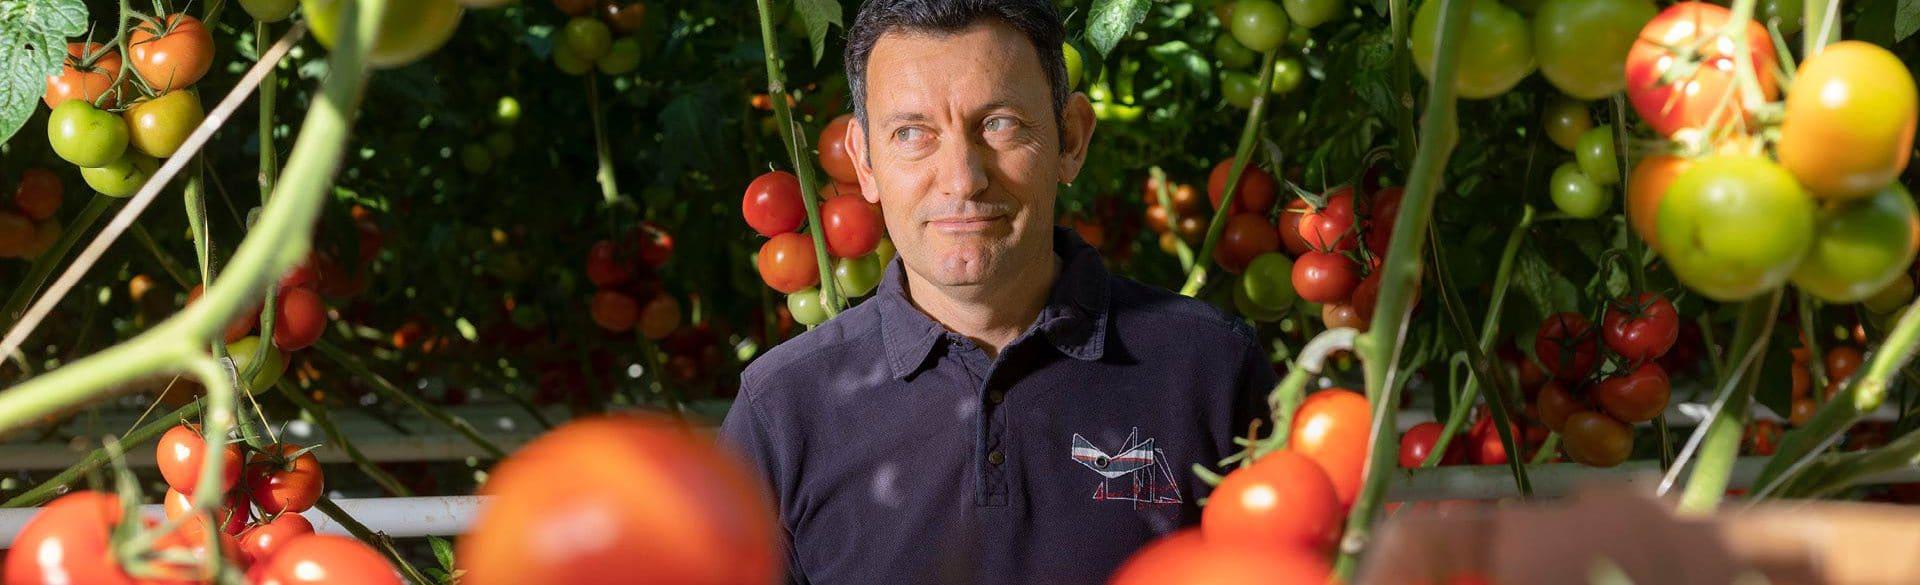 Yannick au milieu des plants de tomates, dans sa serre de tomates grappe